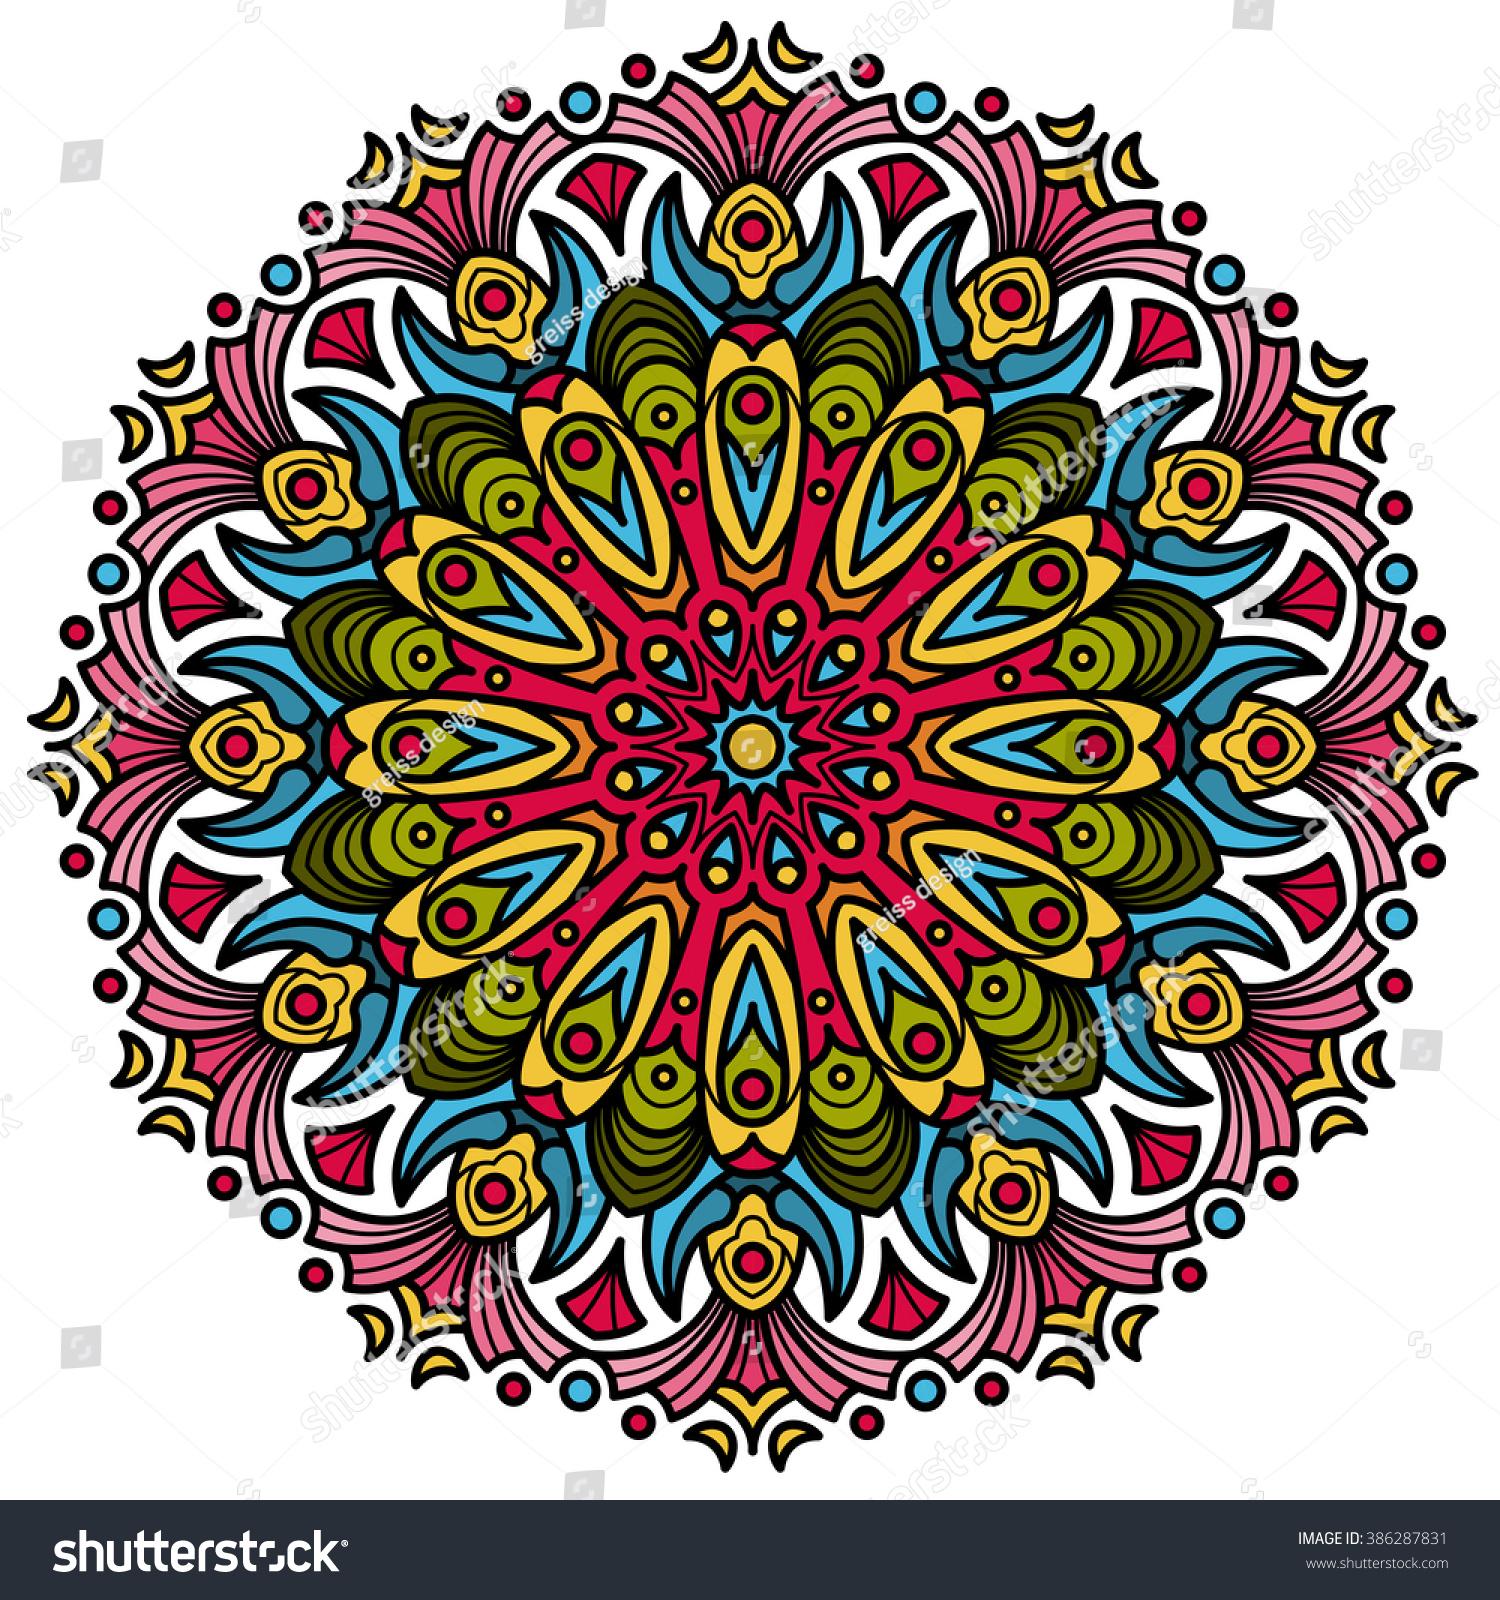 Beautiful Mandala Hindu Symbol Colorful Geometric Stock Vector